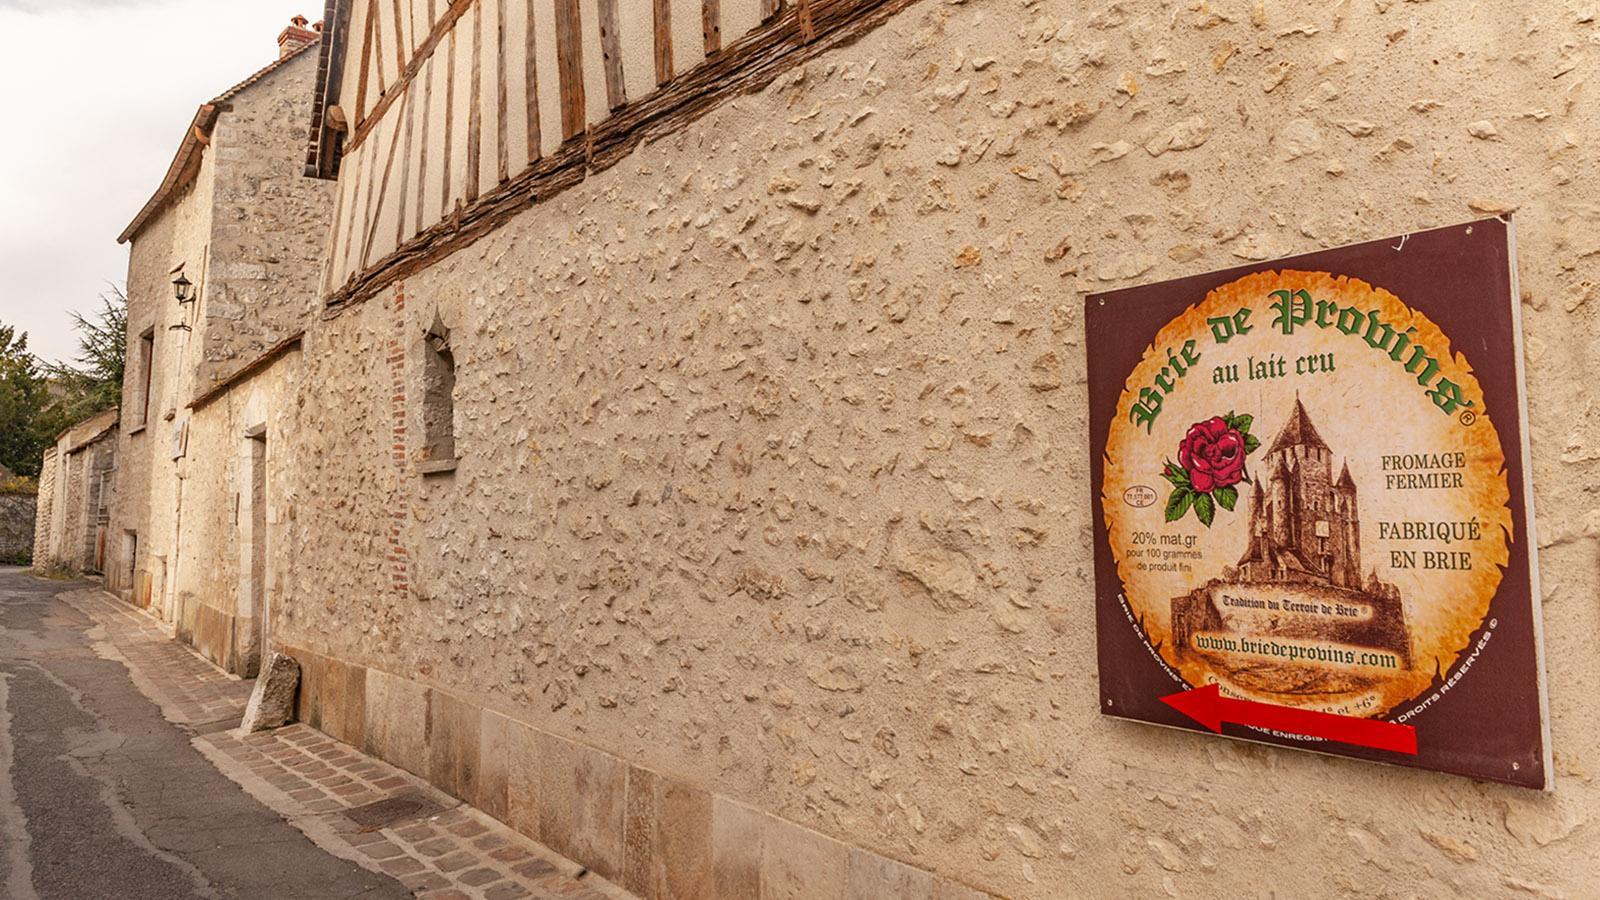 Nicht so berühmt wie sein Artgenosse aus Meaux, aber ebenso lecker: Brie de Provins aus roher Kuhmilch. Foto: Hilke Maunder